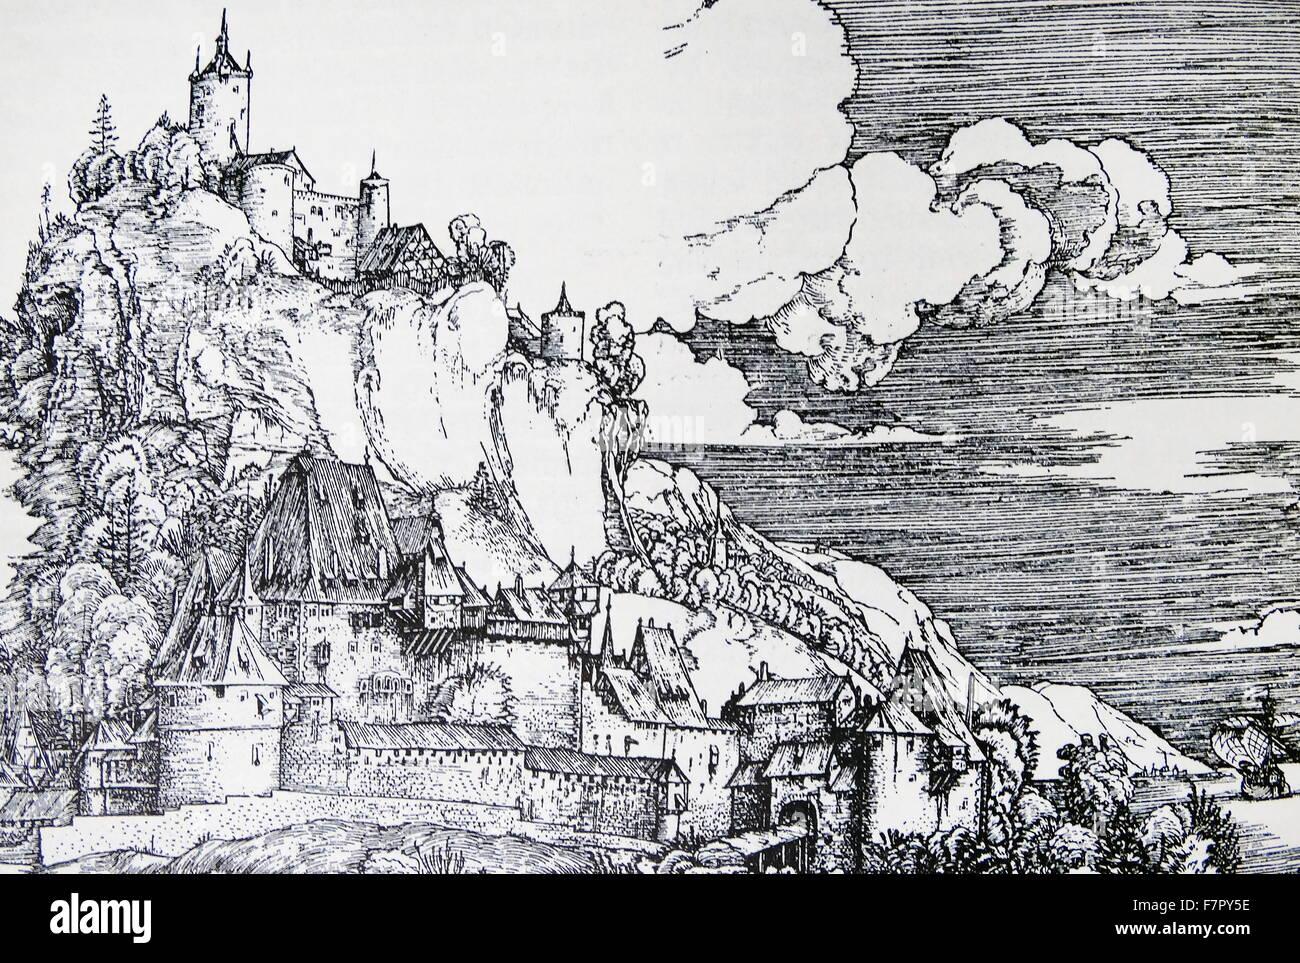 Abbildung nach Albrecht Dürers Kupferstich Gravur (1502) von Castel Segonzano Stockbild